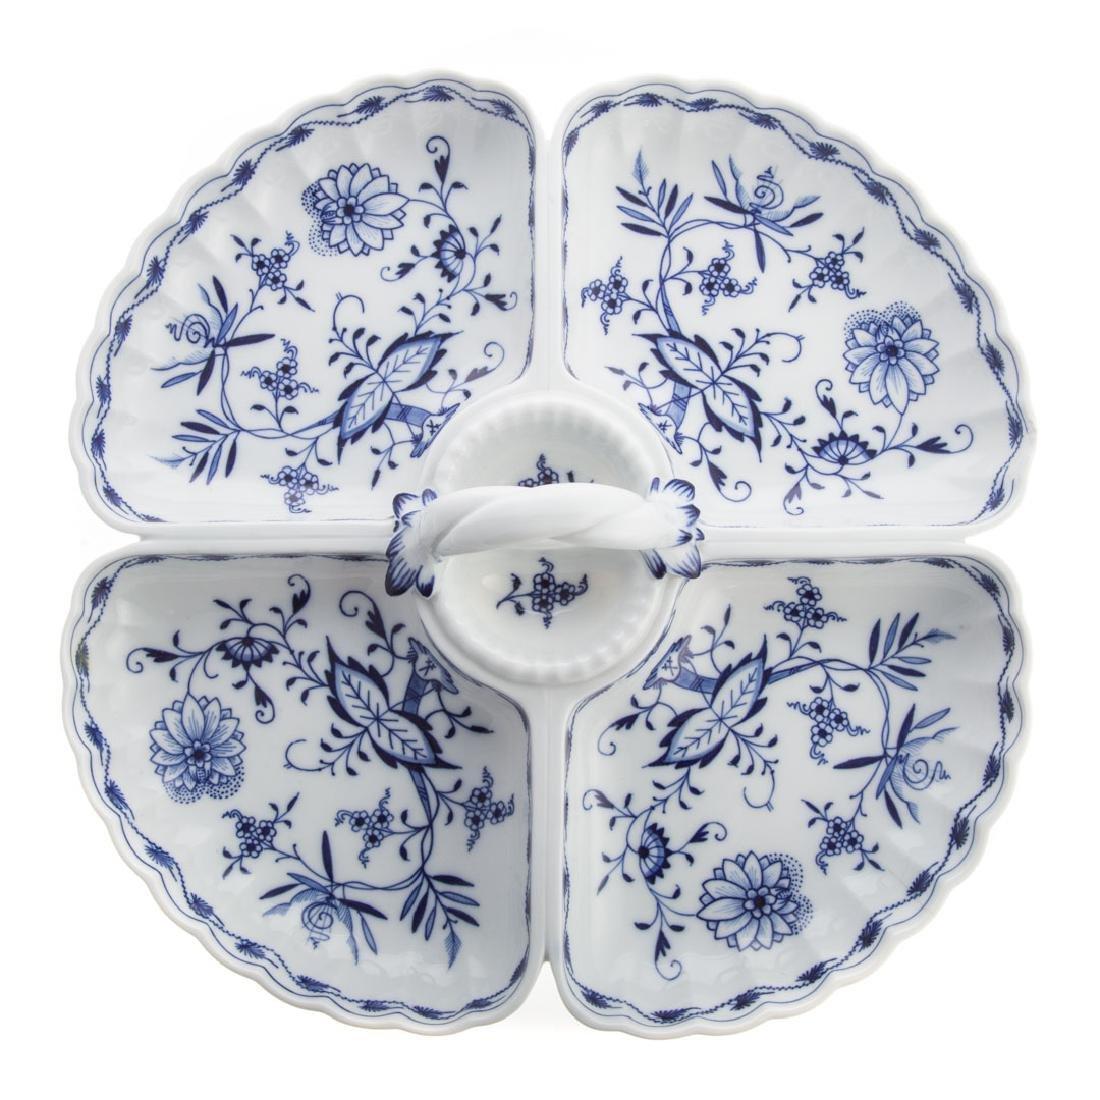 Meissen porcelain hors d'oeuvres dish - 2